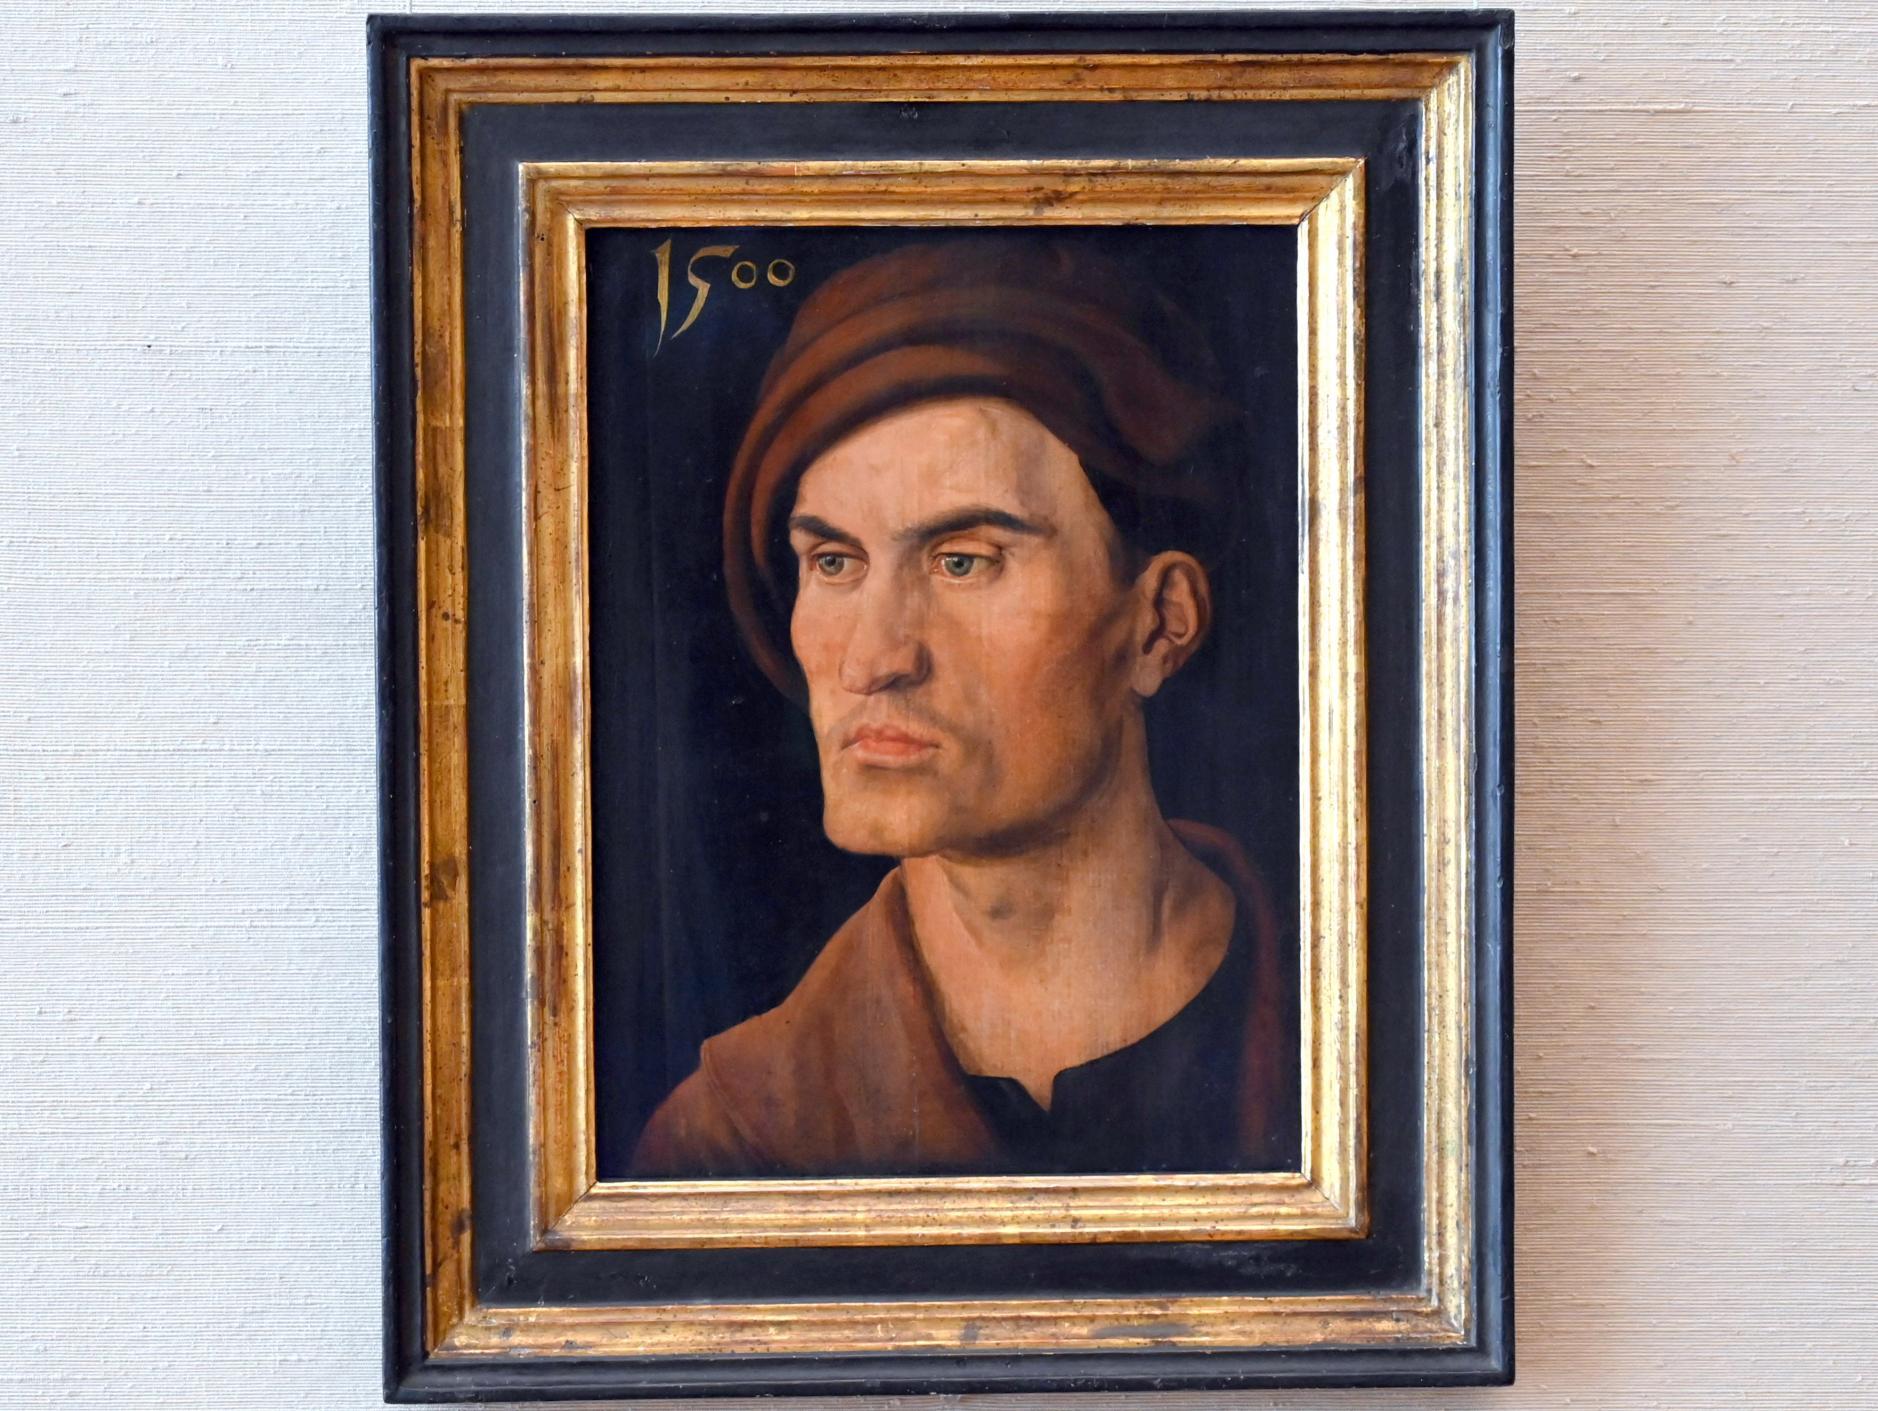 Albrecht Dürer: Bildnis eines jungen Mannes, 1500